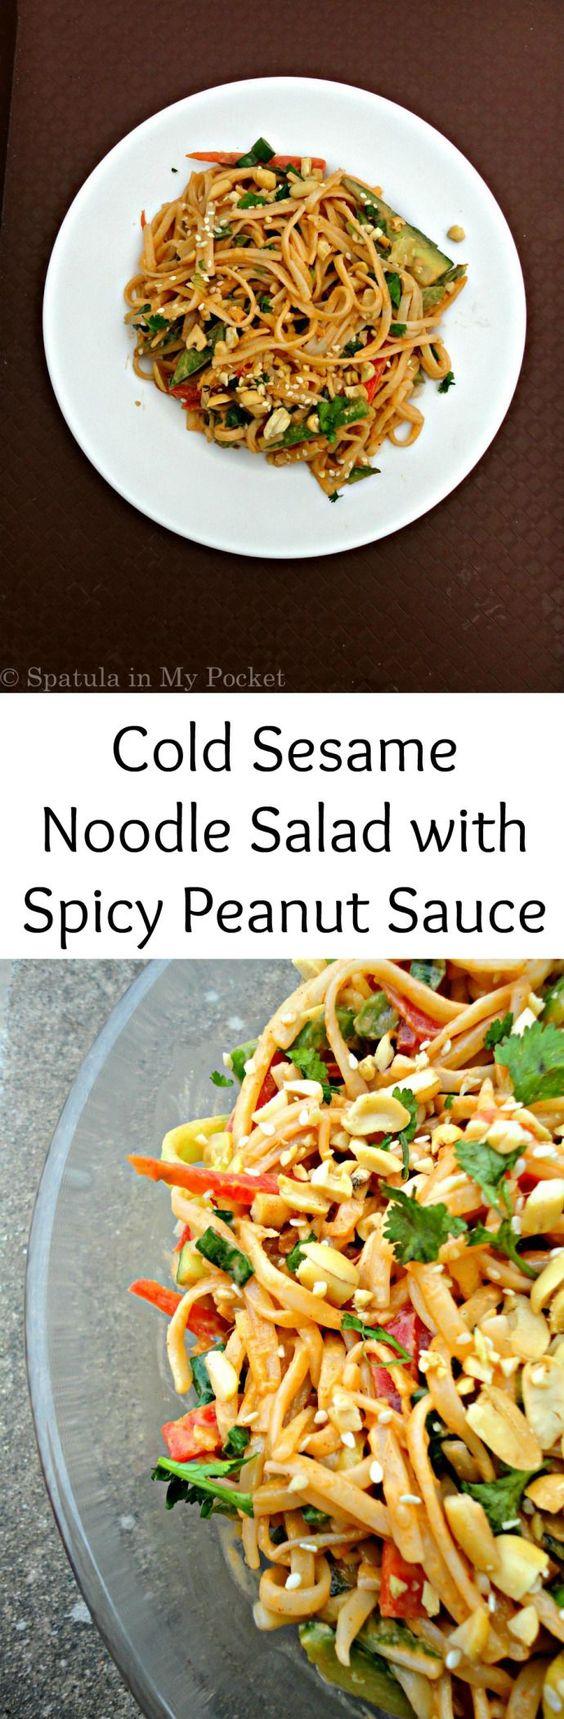 noodles sesame noodles noodle salads noodles spicy spicy peanut sauce ...